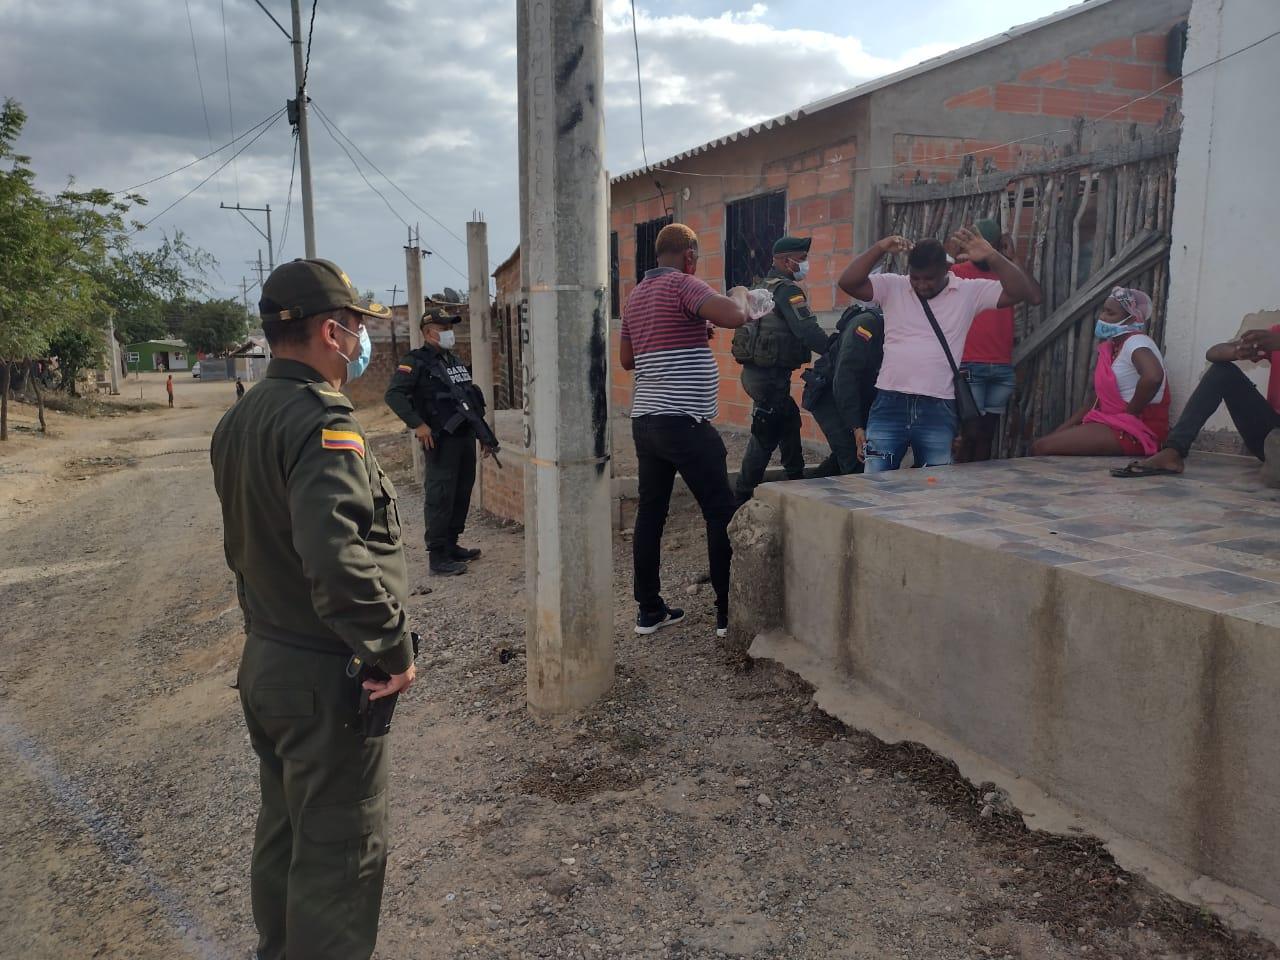 hoyennoticia.com, Más de 110 parrandas intervenidas en La Guajira